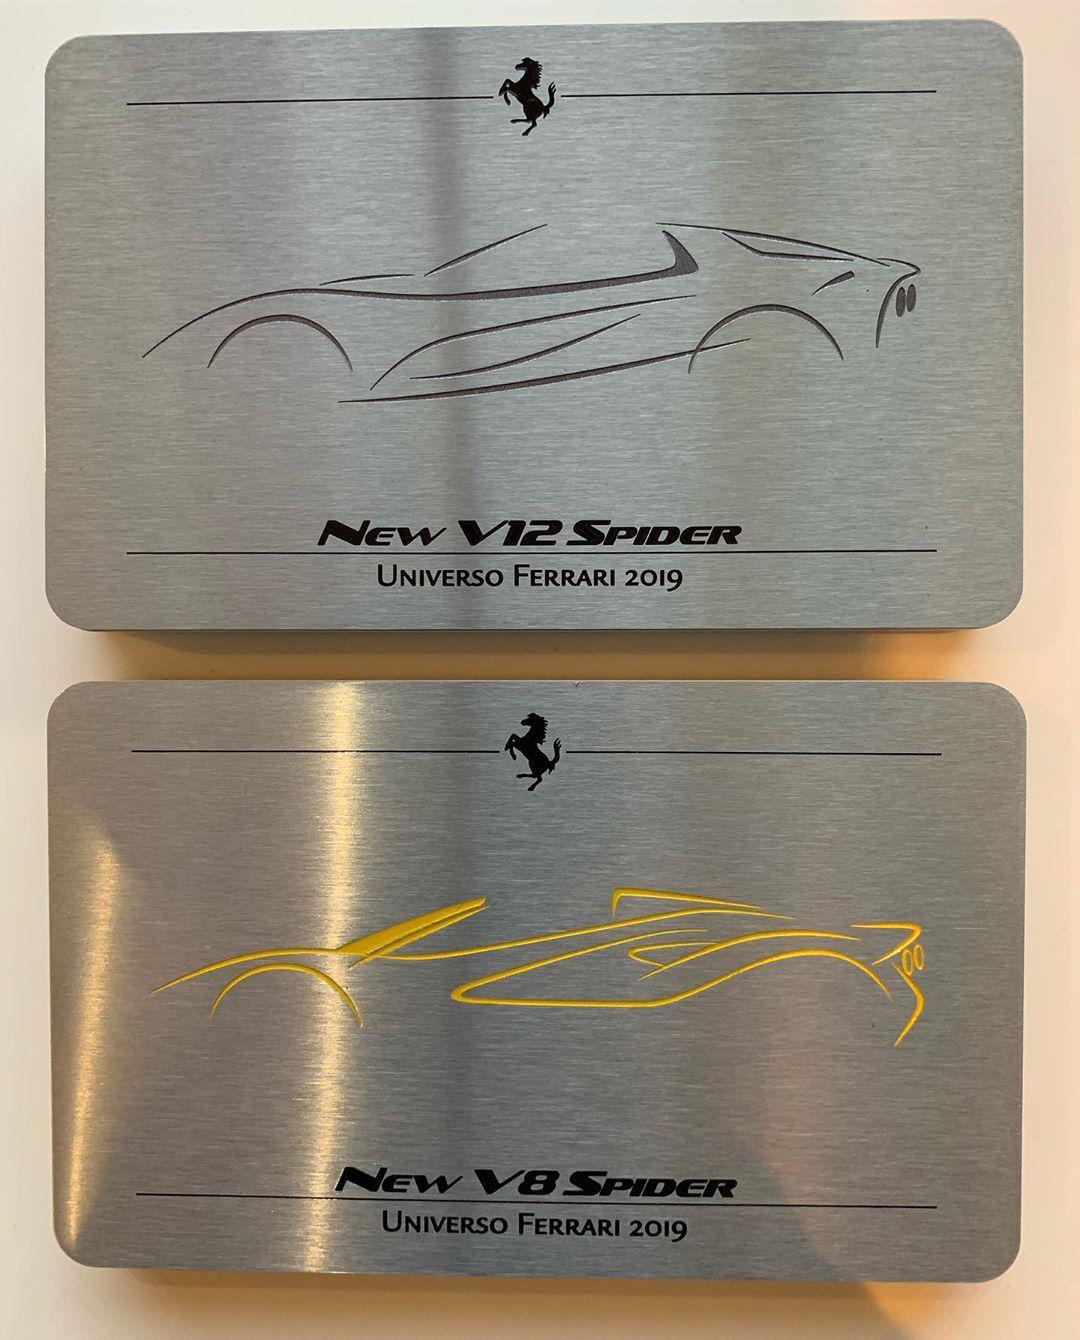 Ferrari V-12 and V-8 Spiders